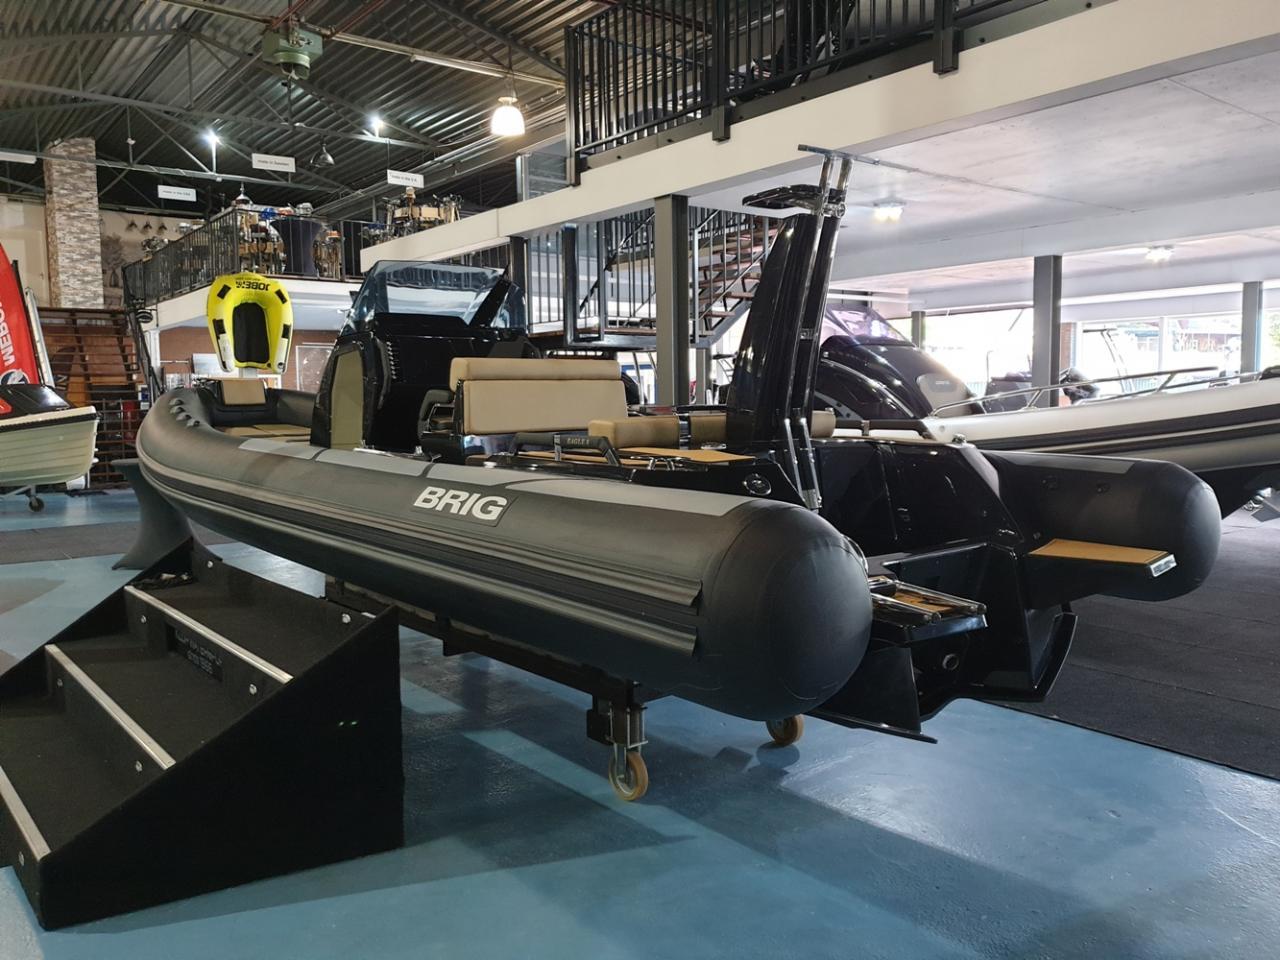 Brig Eagle 8 NIEUW met Mercury Verado 350 pk DIRECT VAREN! 2